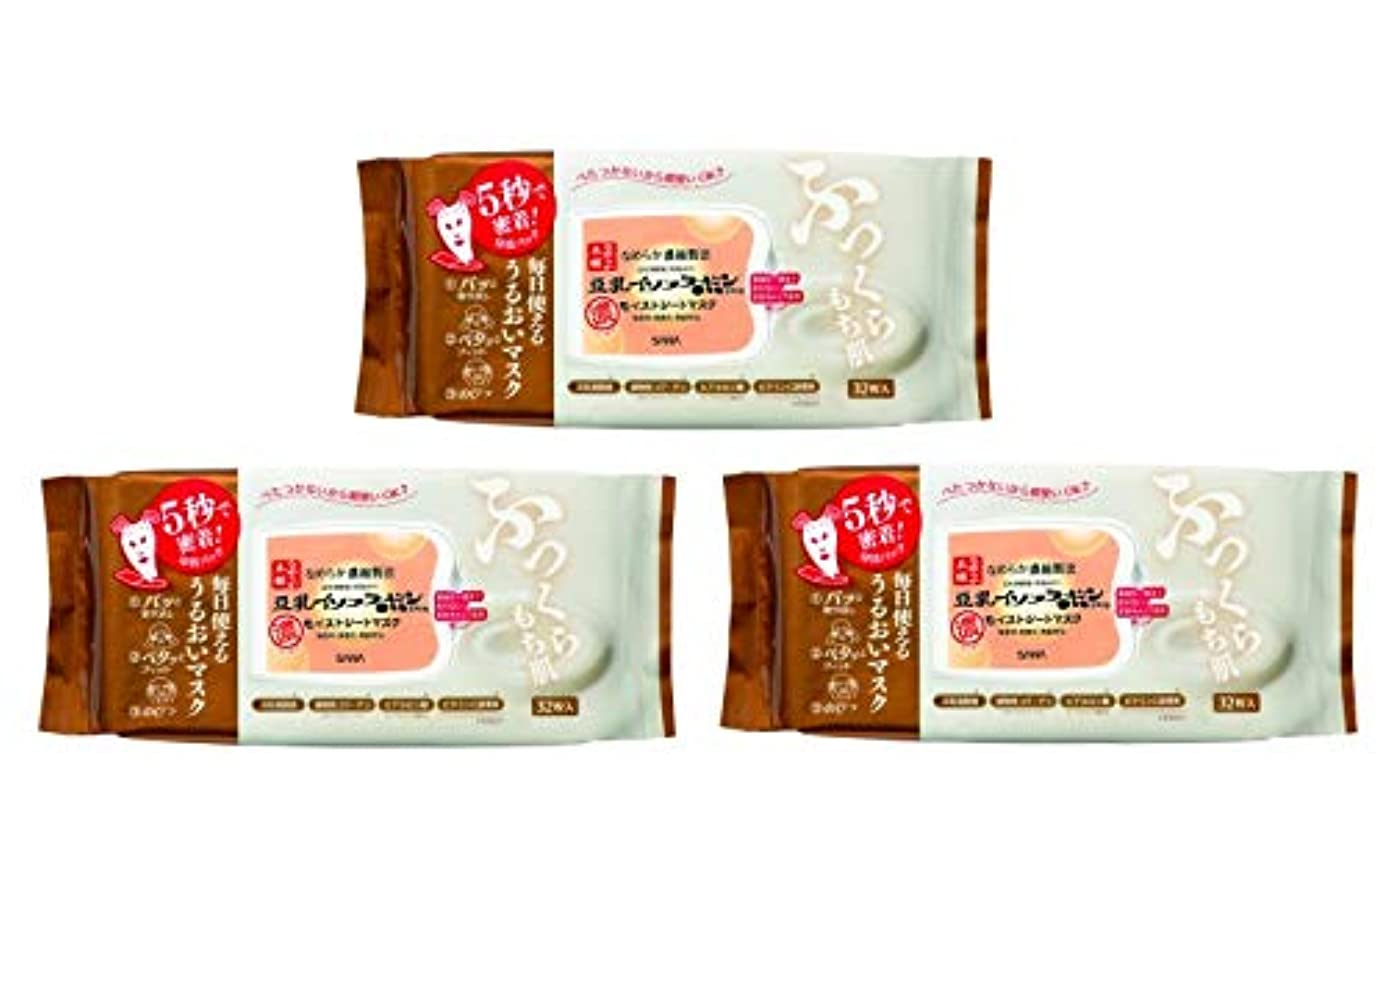 法律簡単に特殊豆乳イソフラボン モイストシートマスク 1個32枚入×3個セット サナ なめらか本舗